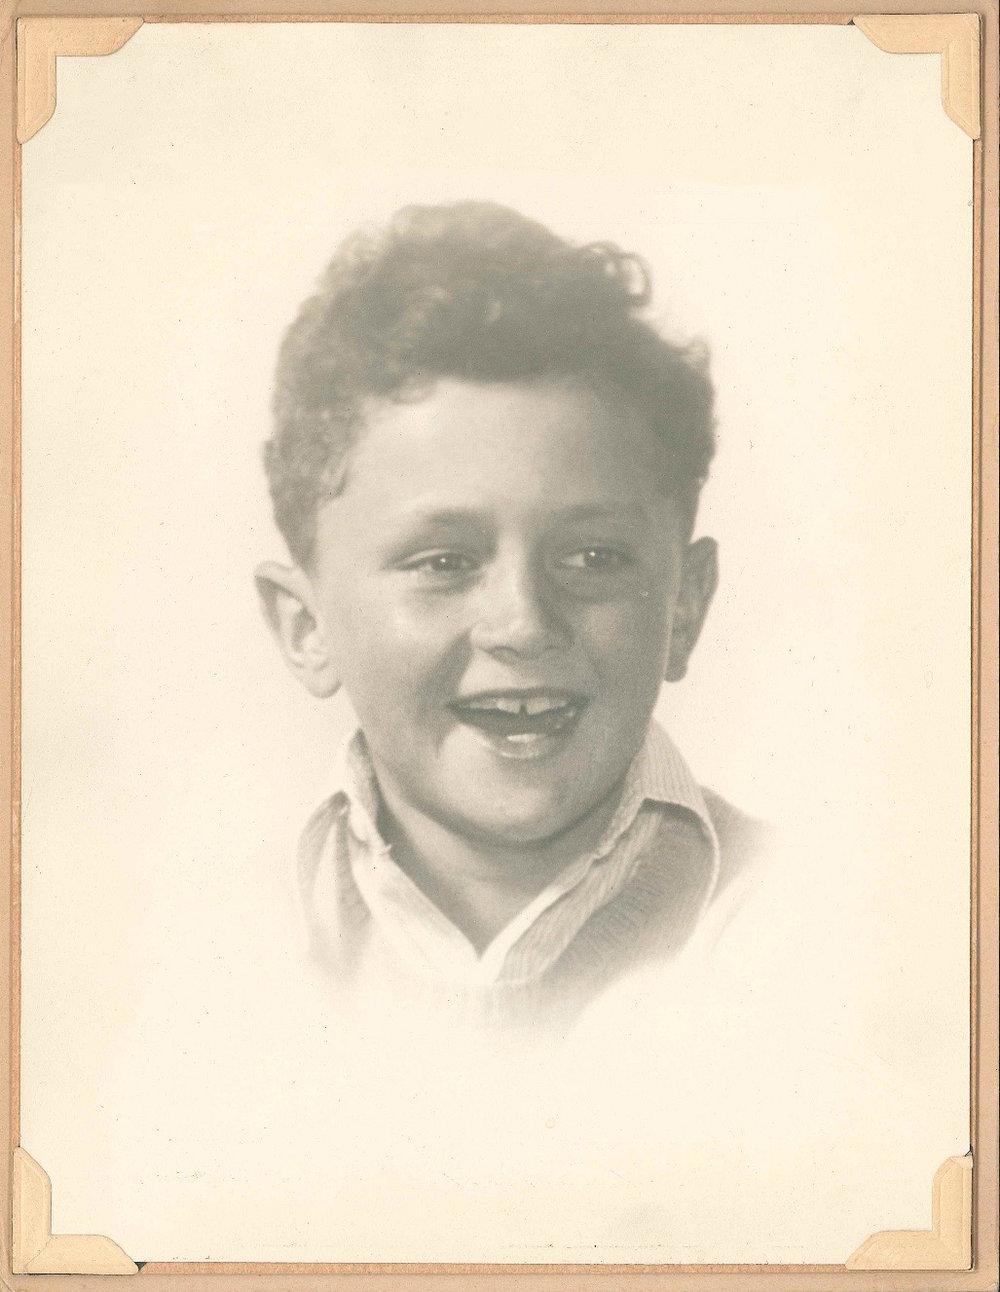 Young Doug